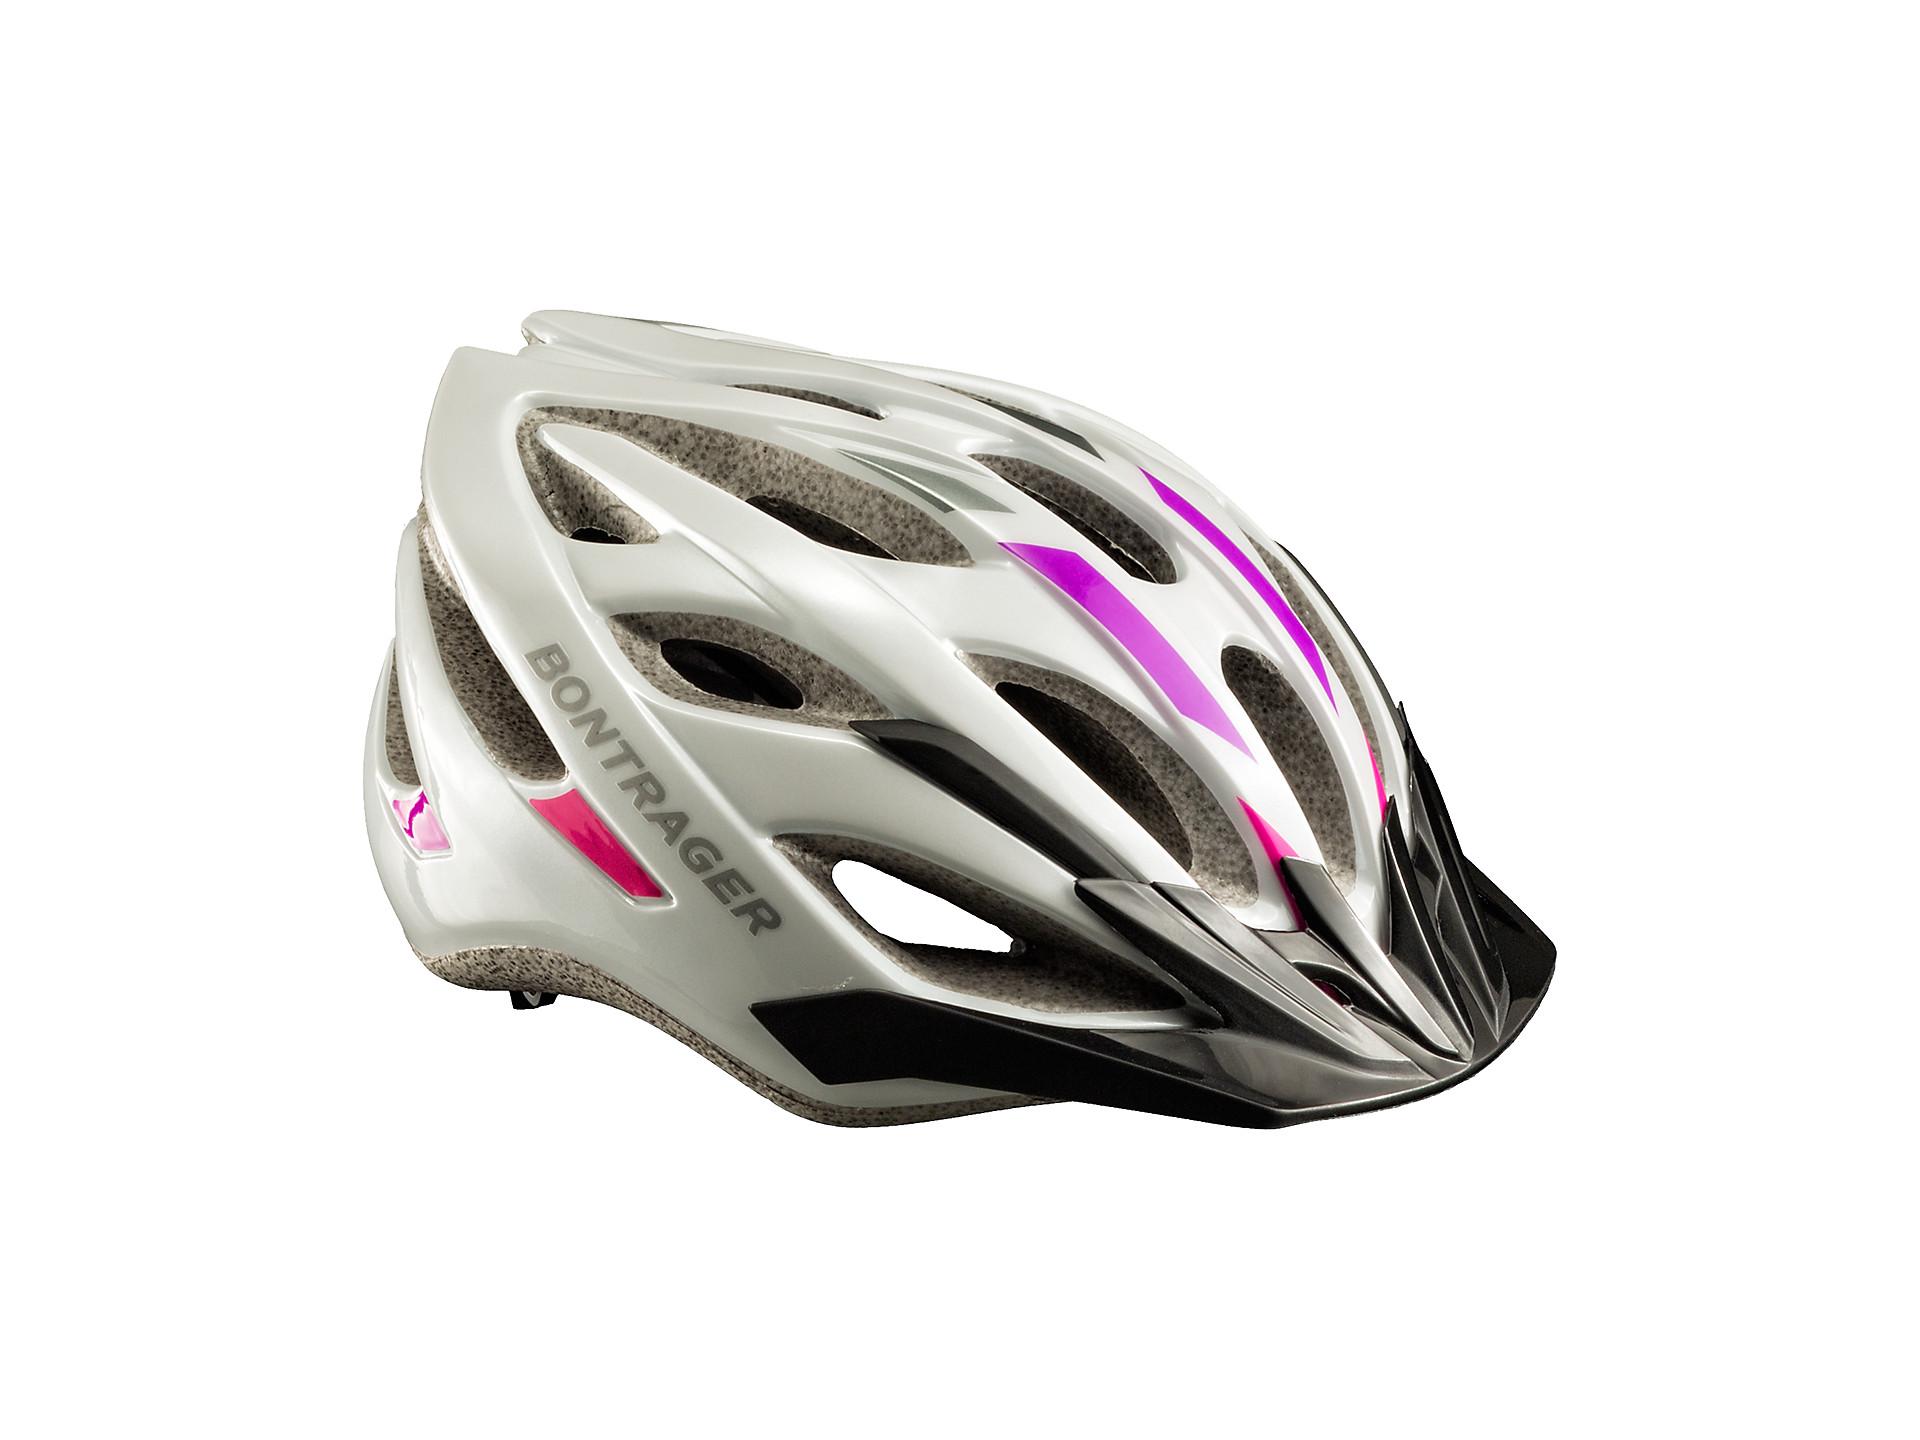 1a48af1fe Bontrager Solstice MIPS Bike Helmet